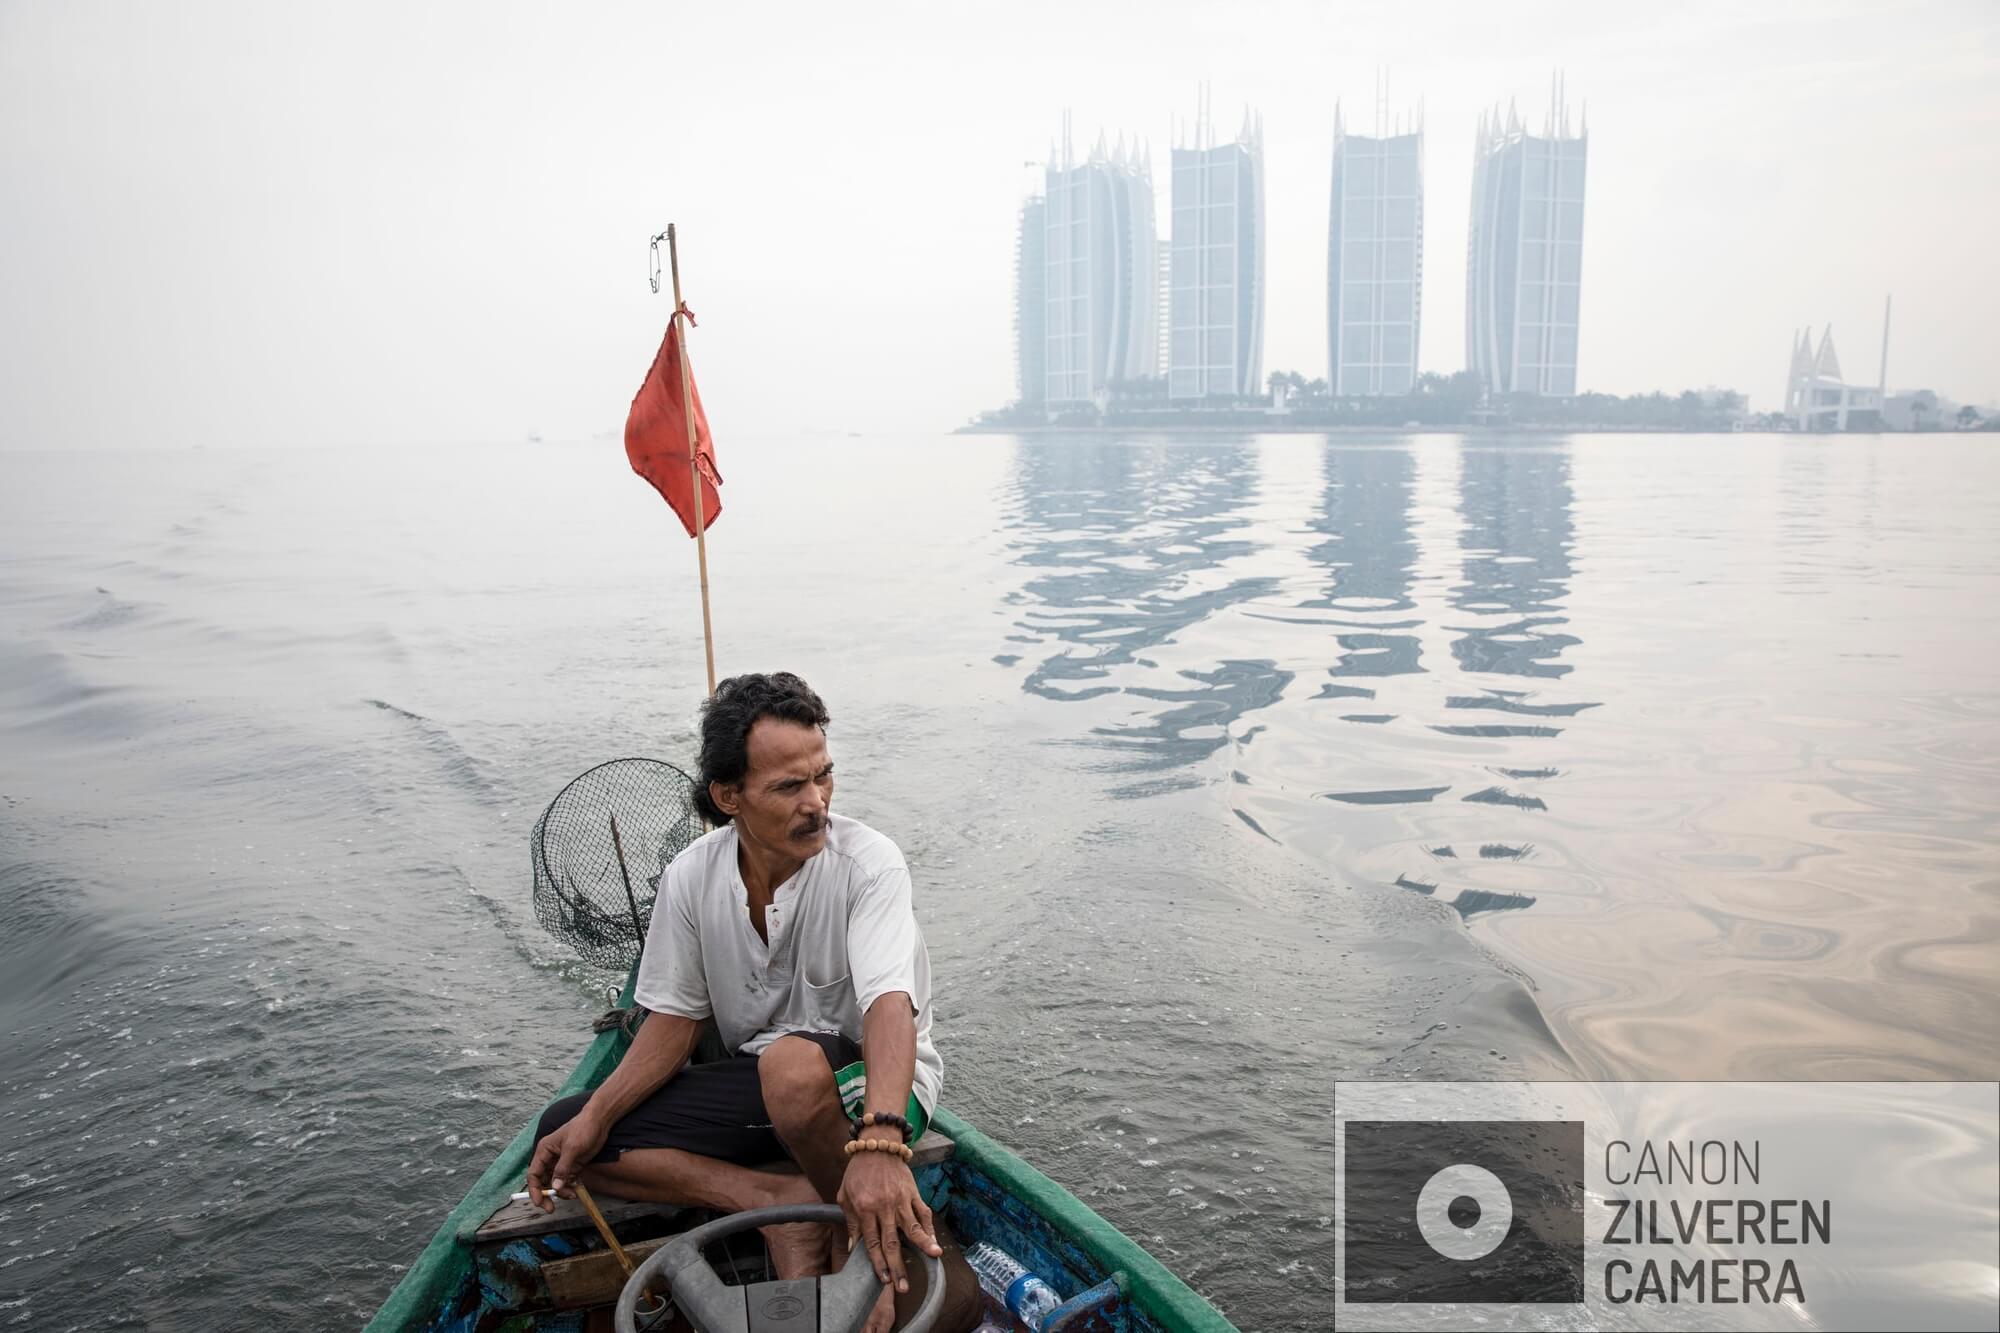 Jakarta zinkt snel, tussen 10-25 centimeter per jaar. Wanneer niets wordt gedaan zal de stad over 20-3- jaar voor een derde permanent onder water staan. Veel water gerelateerde problemen worden toegeschreven aan klimaatverandering en de verwachte zeespiegelstijging die daarmee samenhangt. Bodemdaling is onbekend en zal de absolute zeespiegelstijging tot een factor 10 overschrijden. Jakarta vertrouwd op een oude zeewering om de stad te beschermen tegen zee. Echter door bodemdaling zinkt deze muur snel weg in de grond en biedt weinig bescherming tegen het water. Zware regenval en een hoge rivierwater stand zorgen nu al voor problemen: de stad is veranderd in een omgekeerd aquarium. De zee is niet meer het laagste punt, het water kan nergens meer heen.De almaar groeiende economie heeft behoefte aan water.  Dit water moet opgepompt worden uit de grond. En is de hoofdoorzaak voor de bodemdaling van Jakarta.Serie gemaakt tussen 2015 en 2018